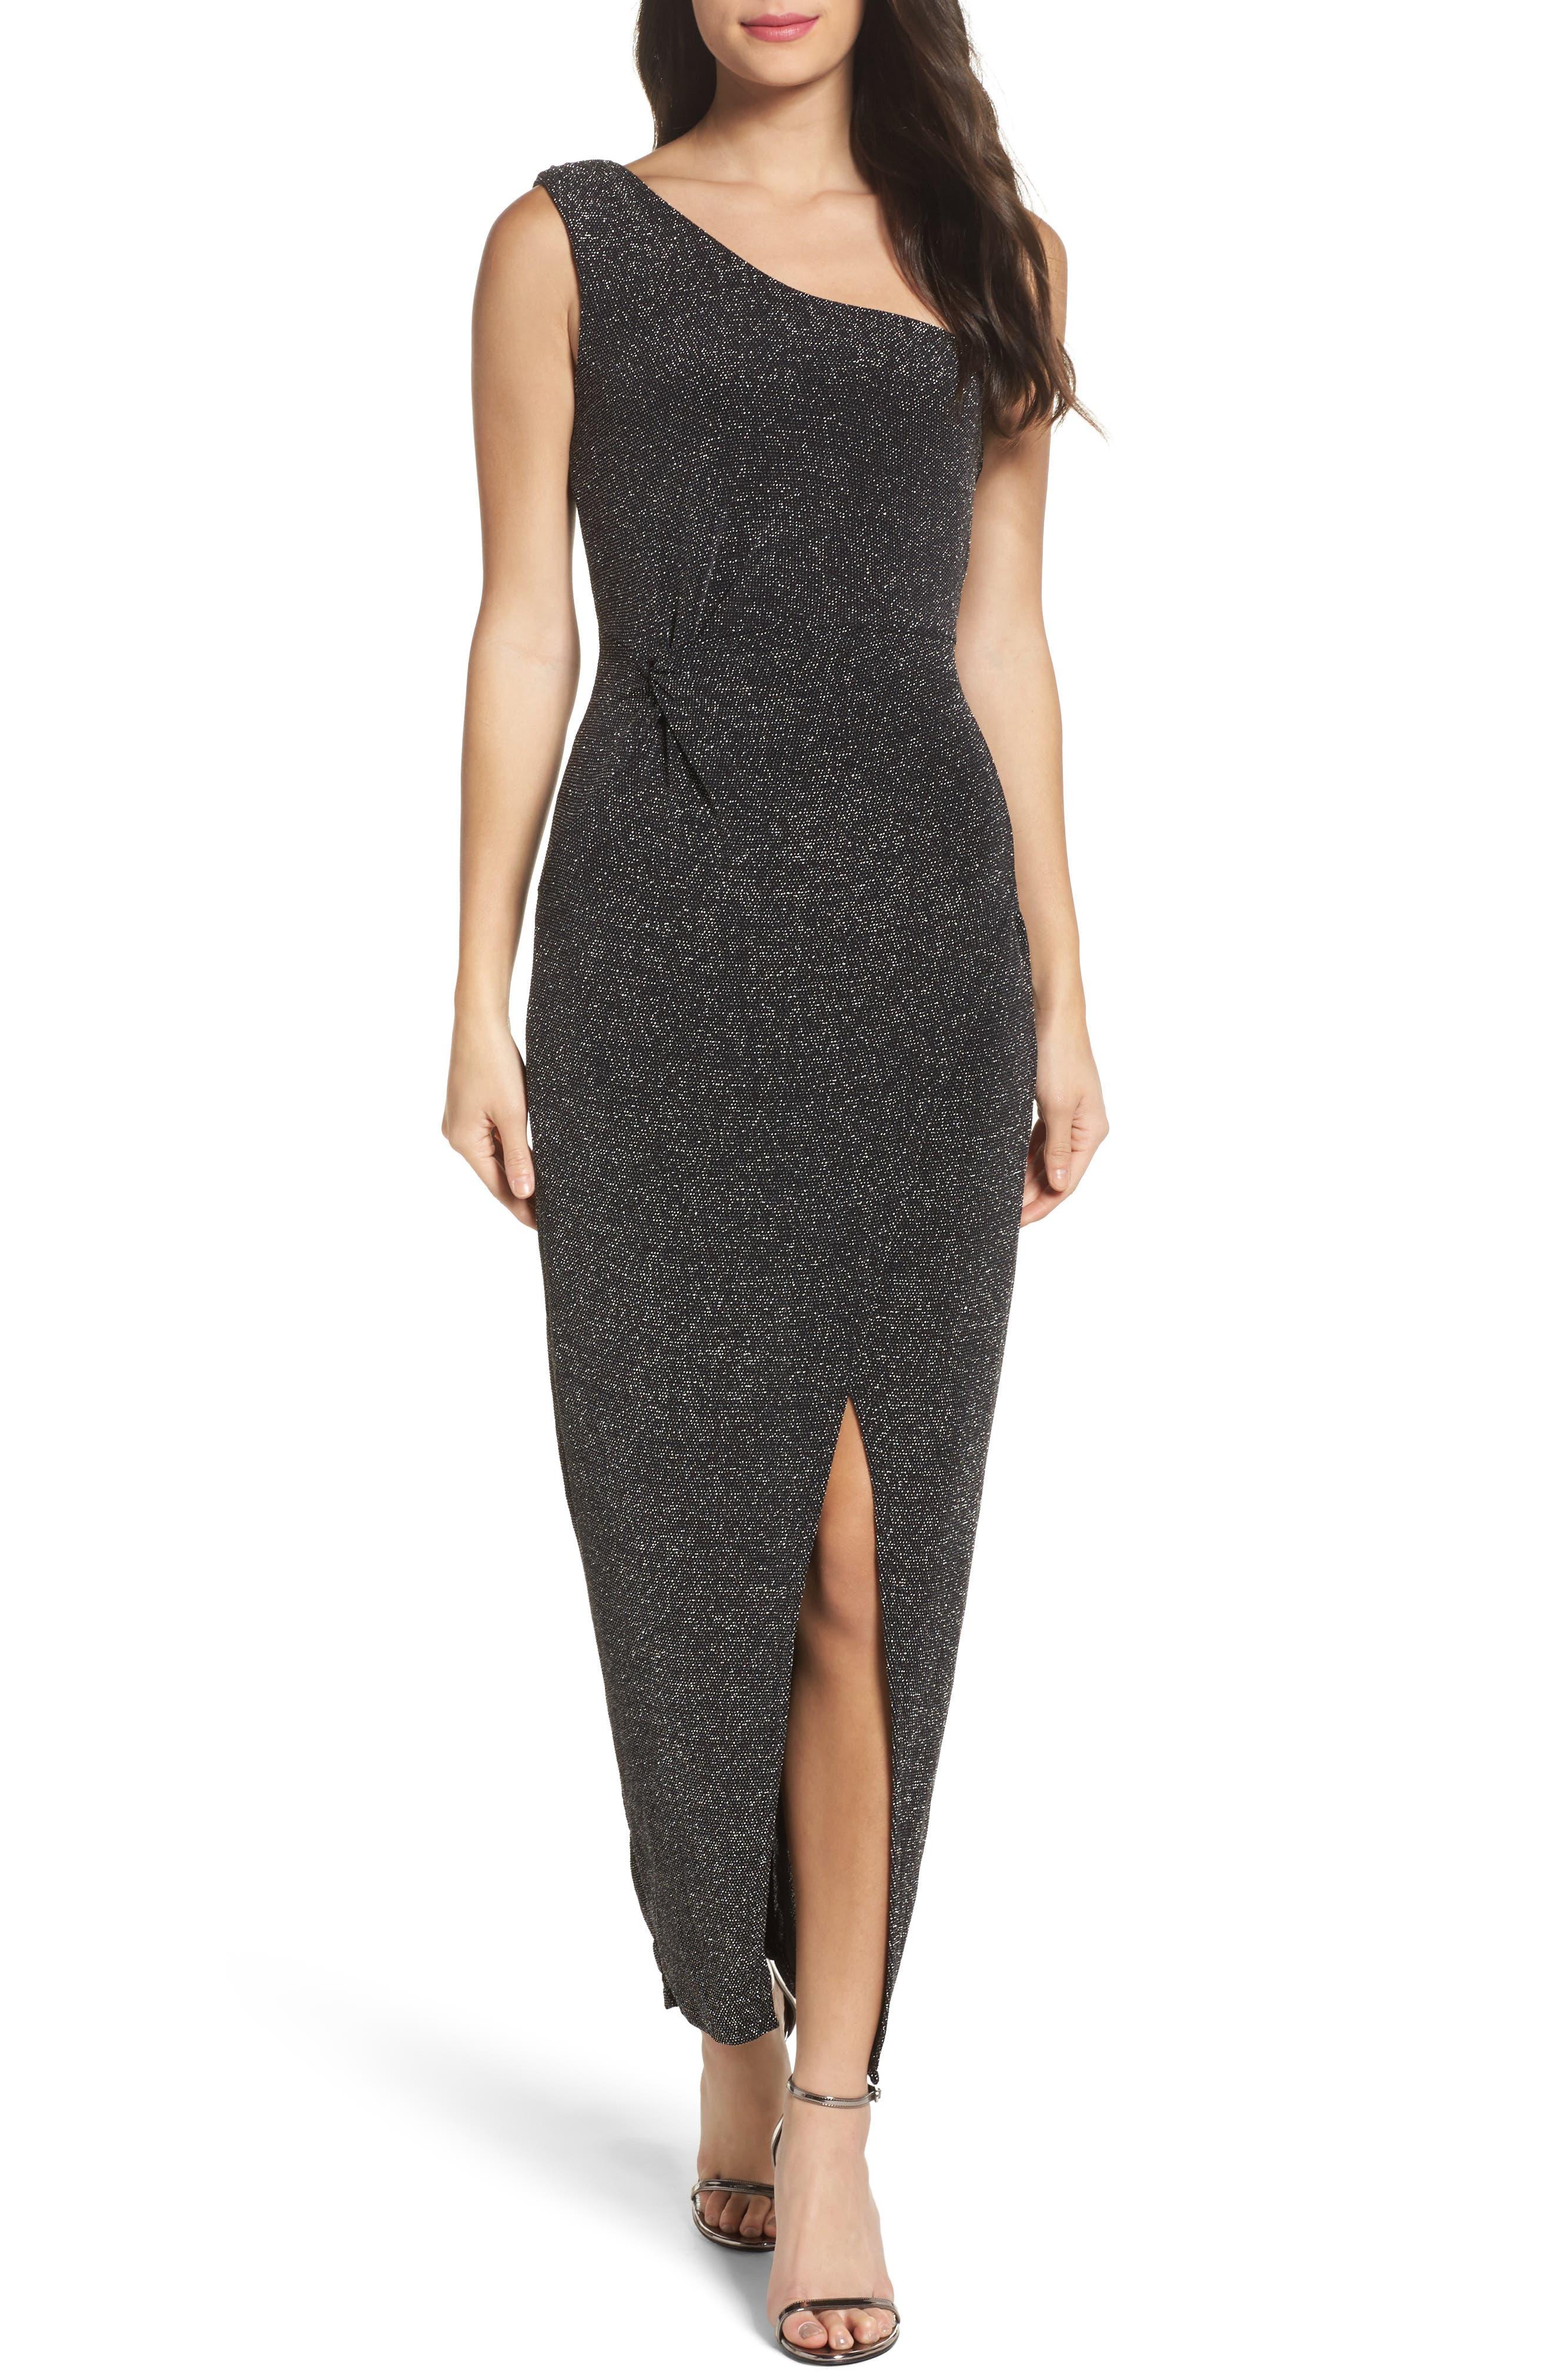 Alternate Image 1 Selected - Bardot Slit Front One-Shoulder Gown